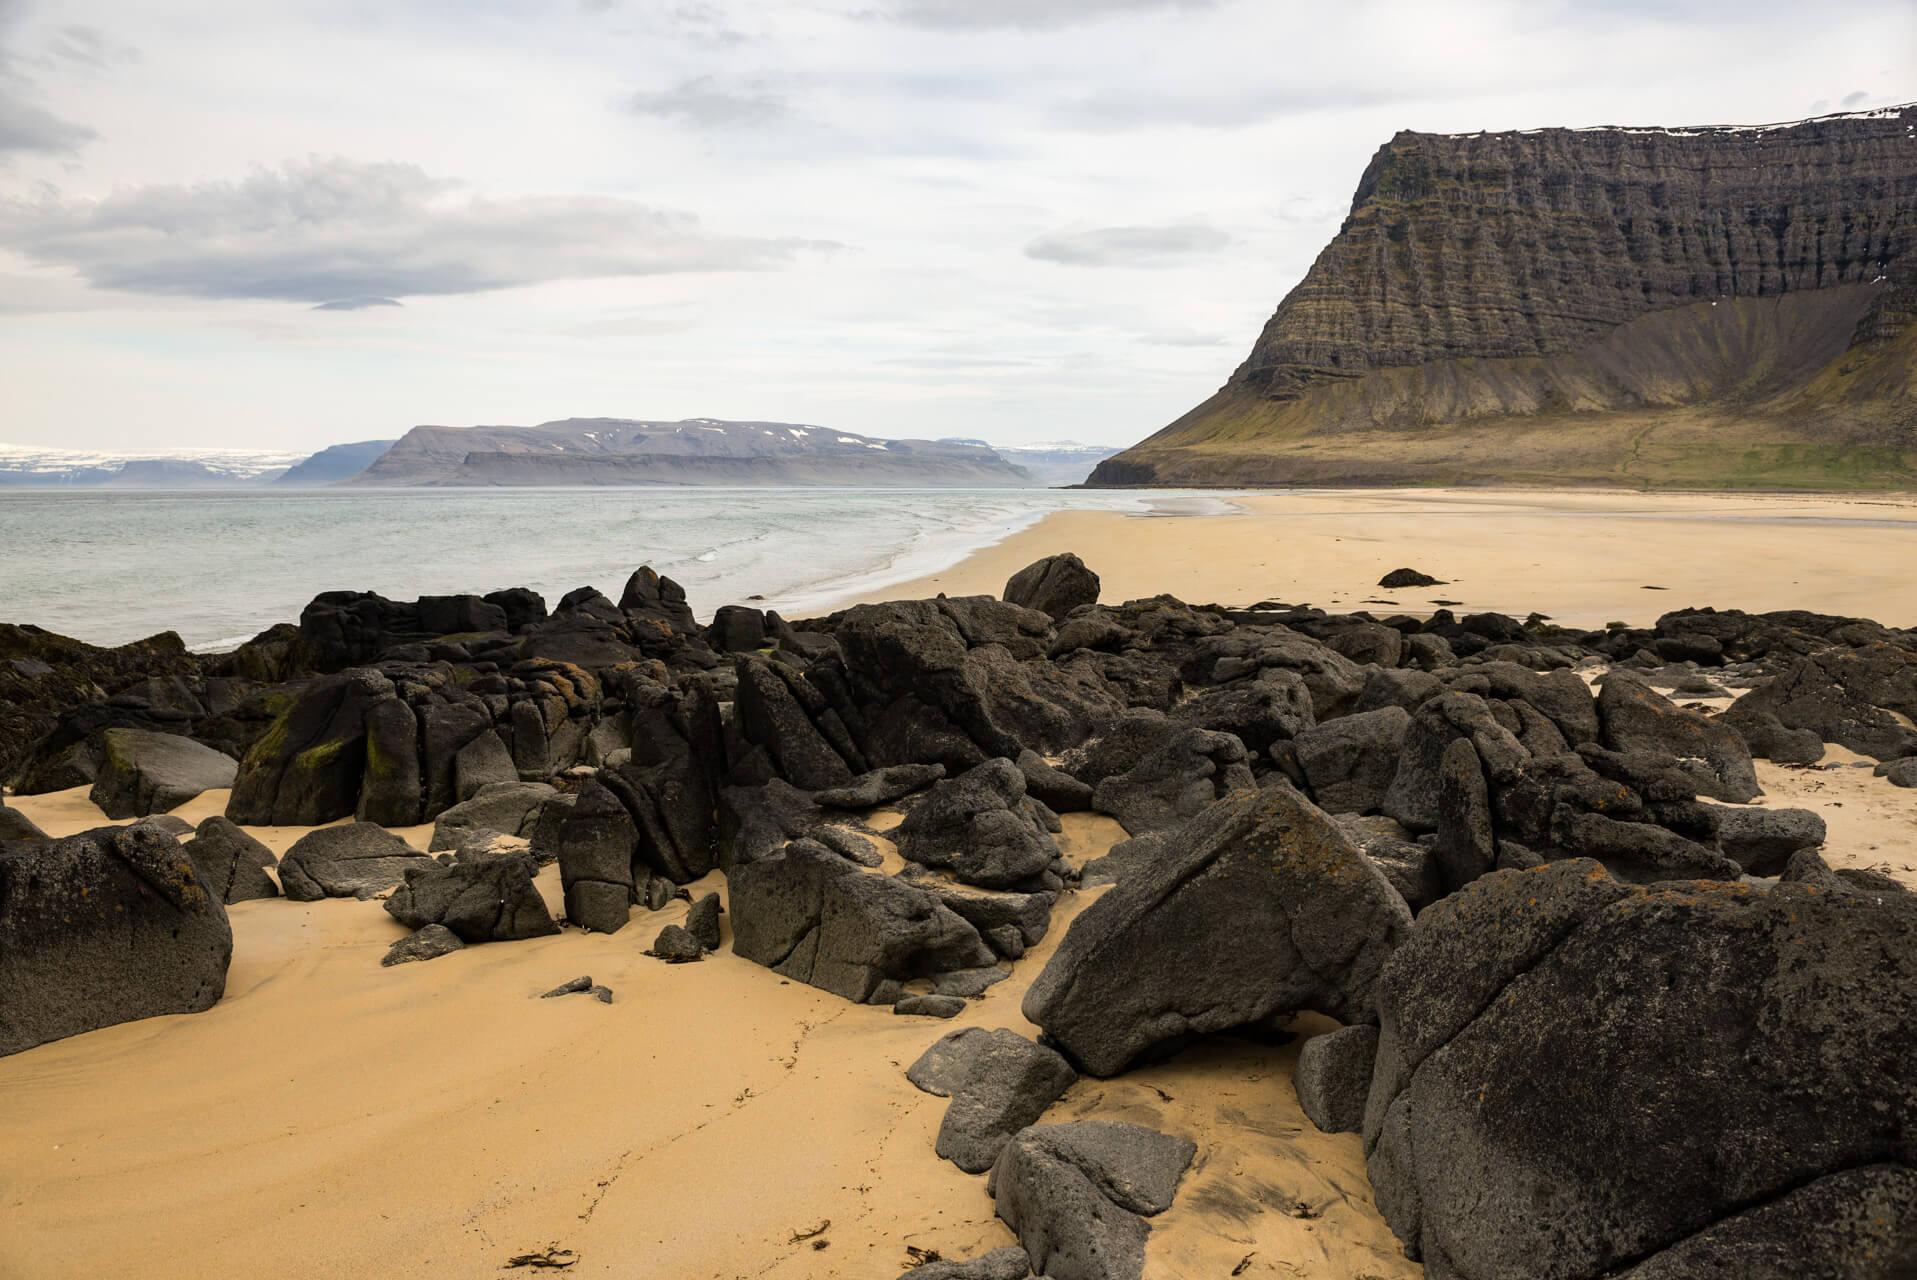 Island, Arnarfjörður; Fotograf Steffen Lohse